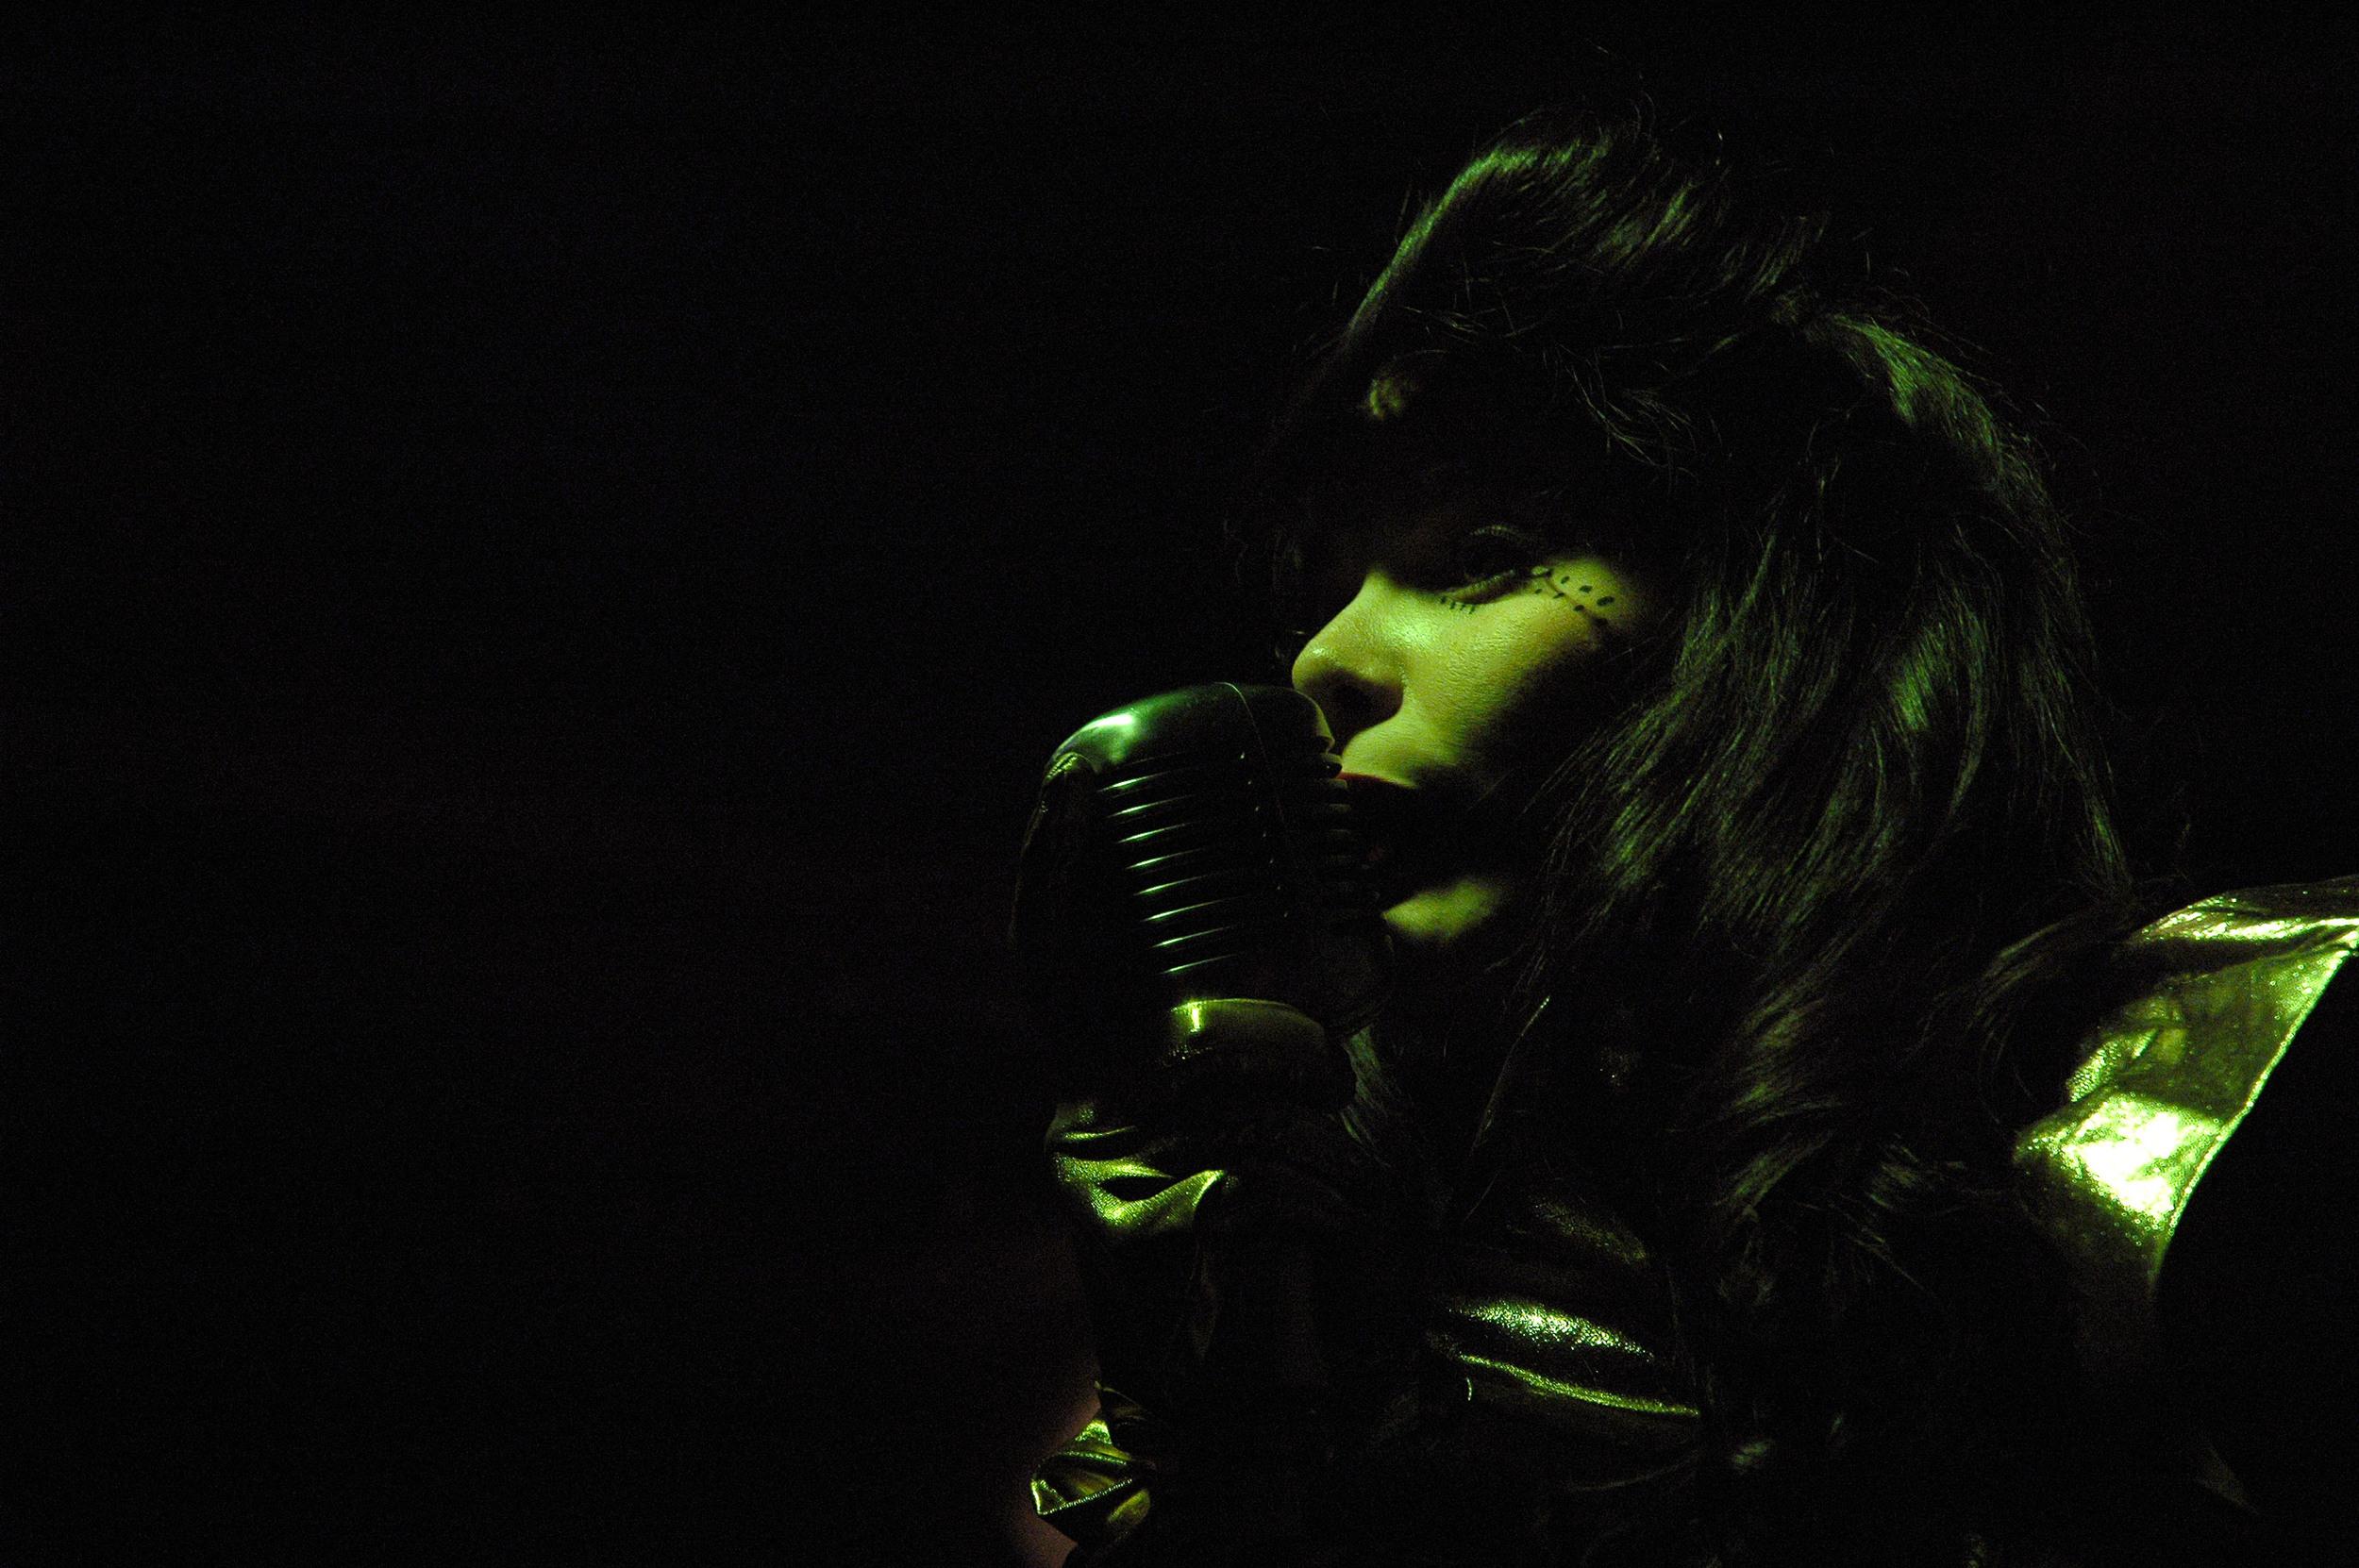 Paloma Faith - Hoxton 2006